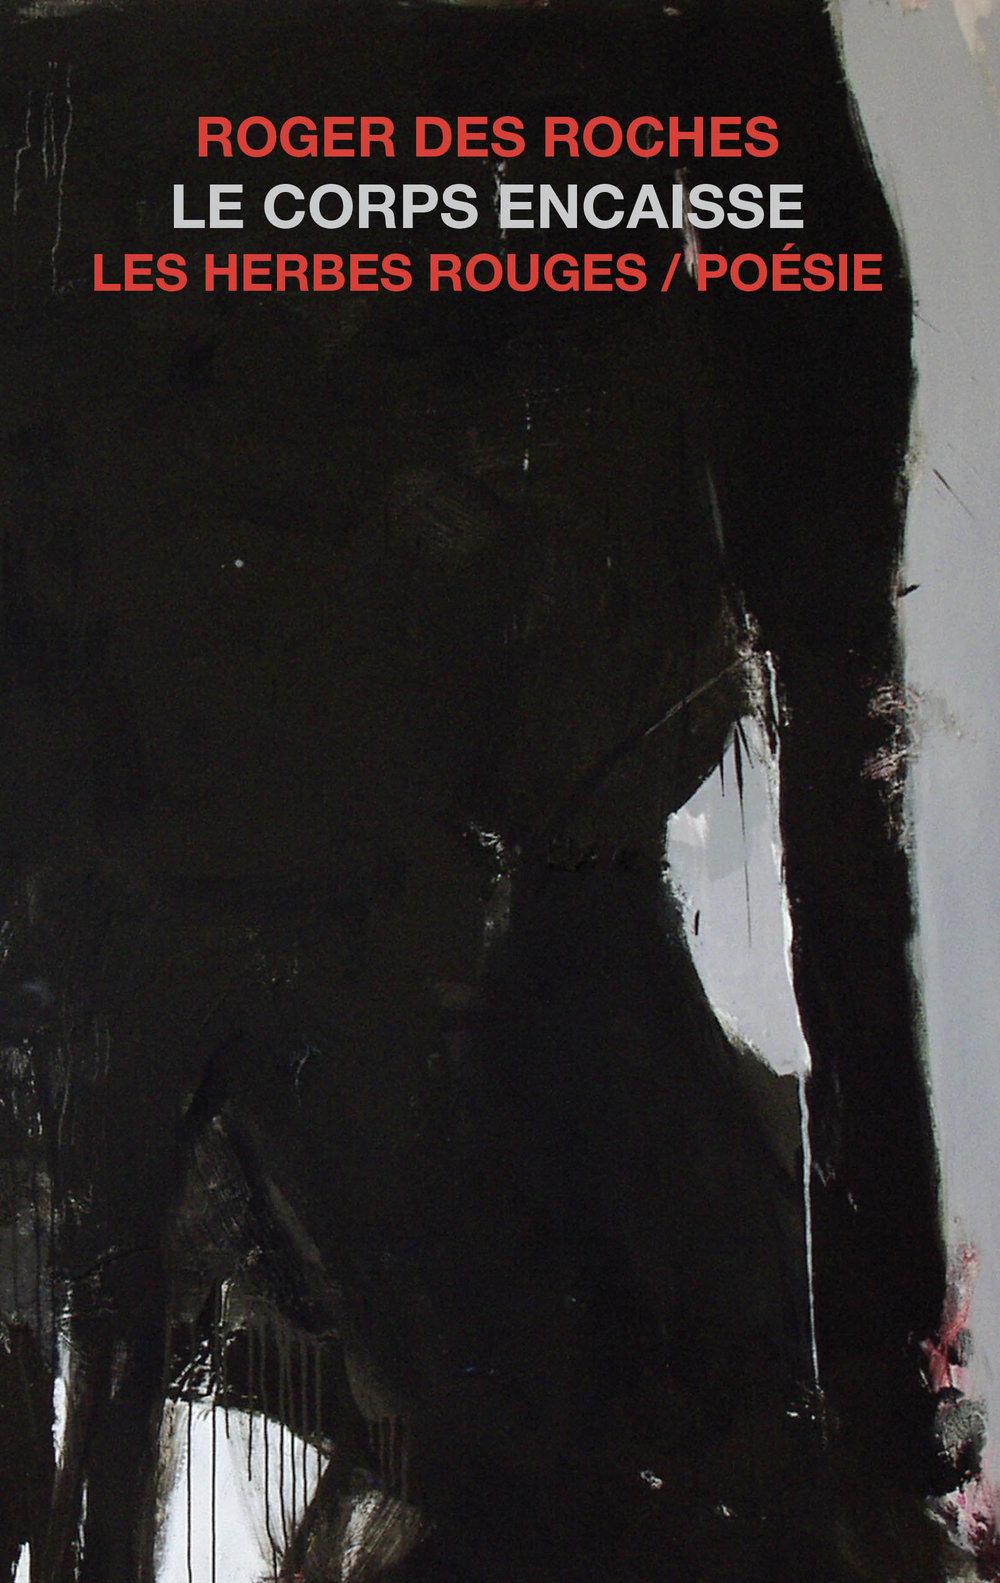 Le corps encaisse     Roger Des Roches , 2015